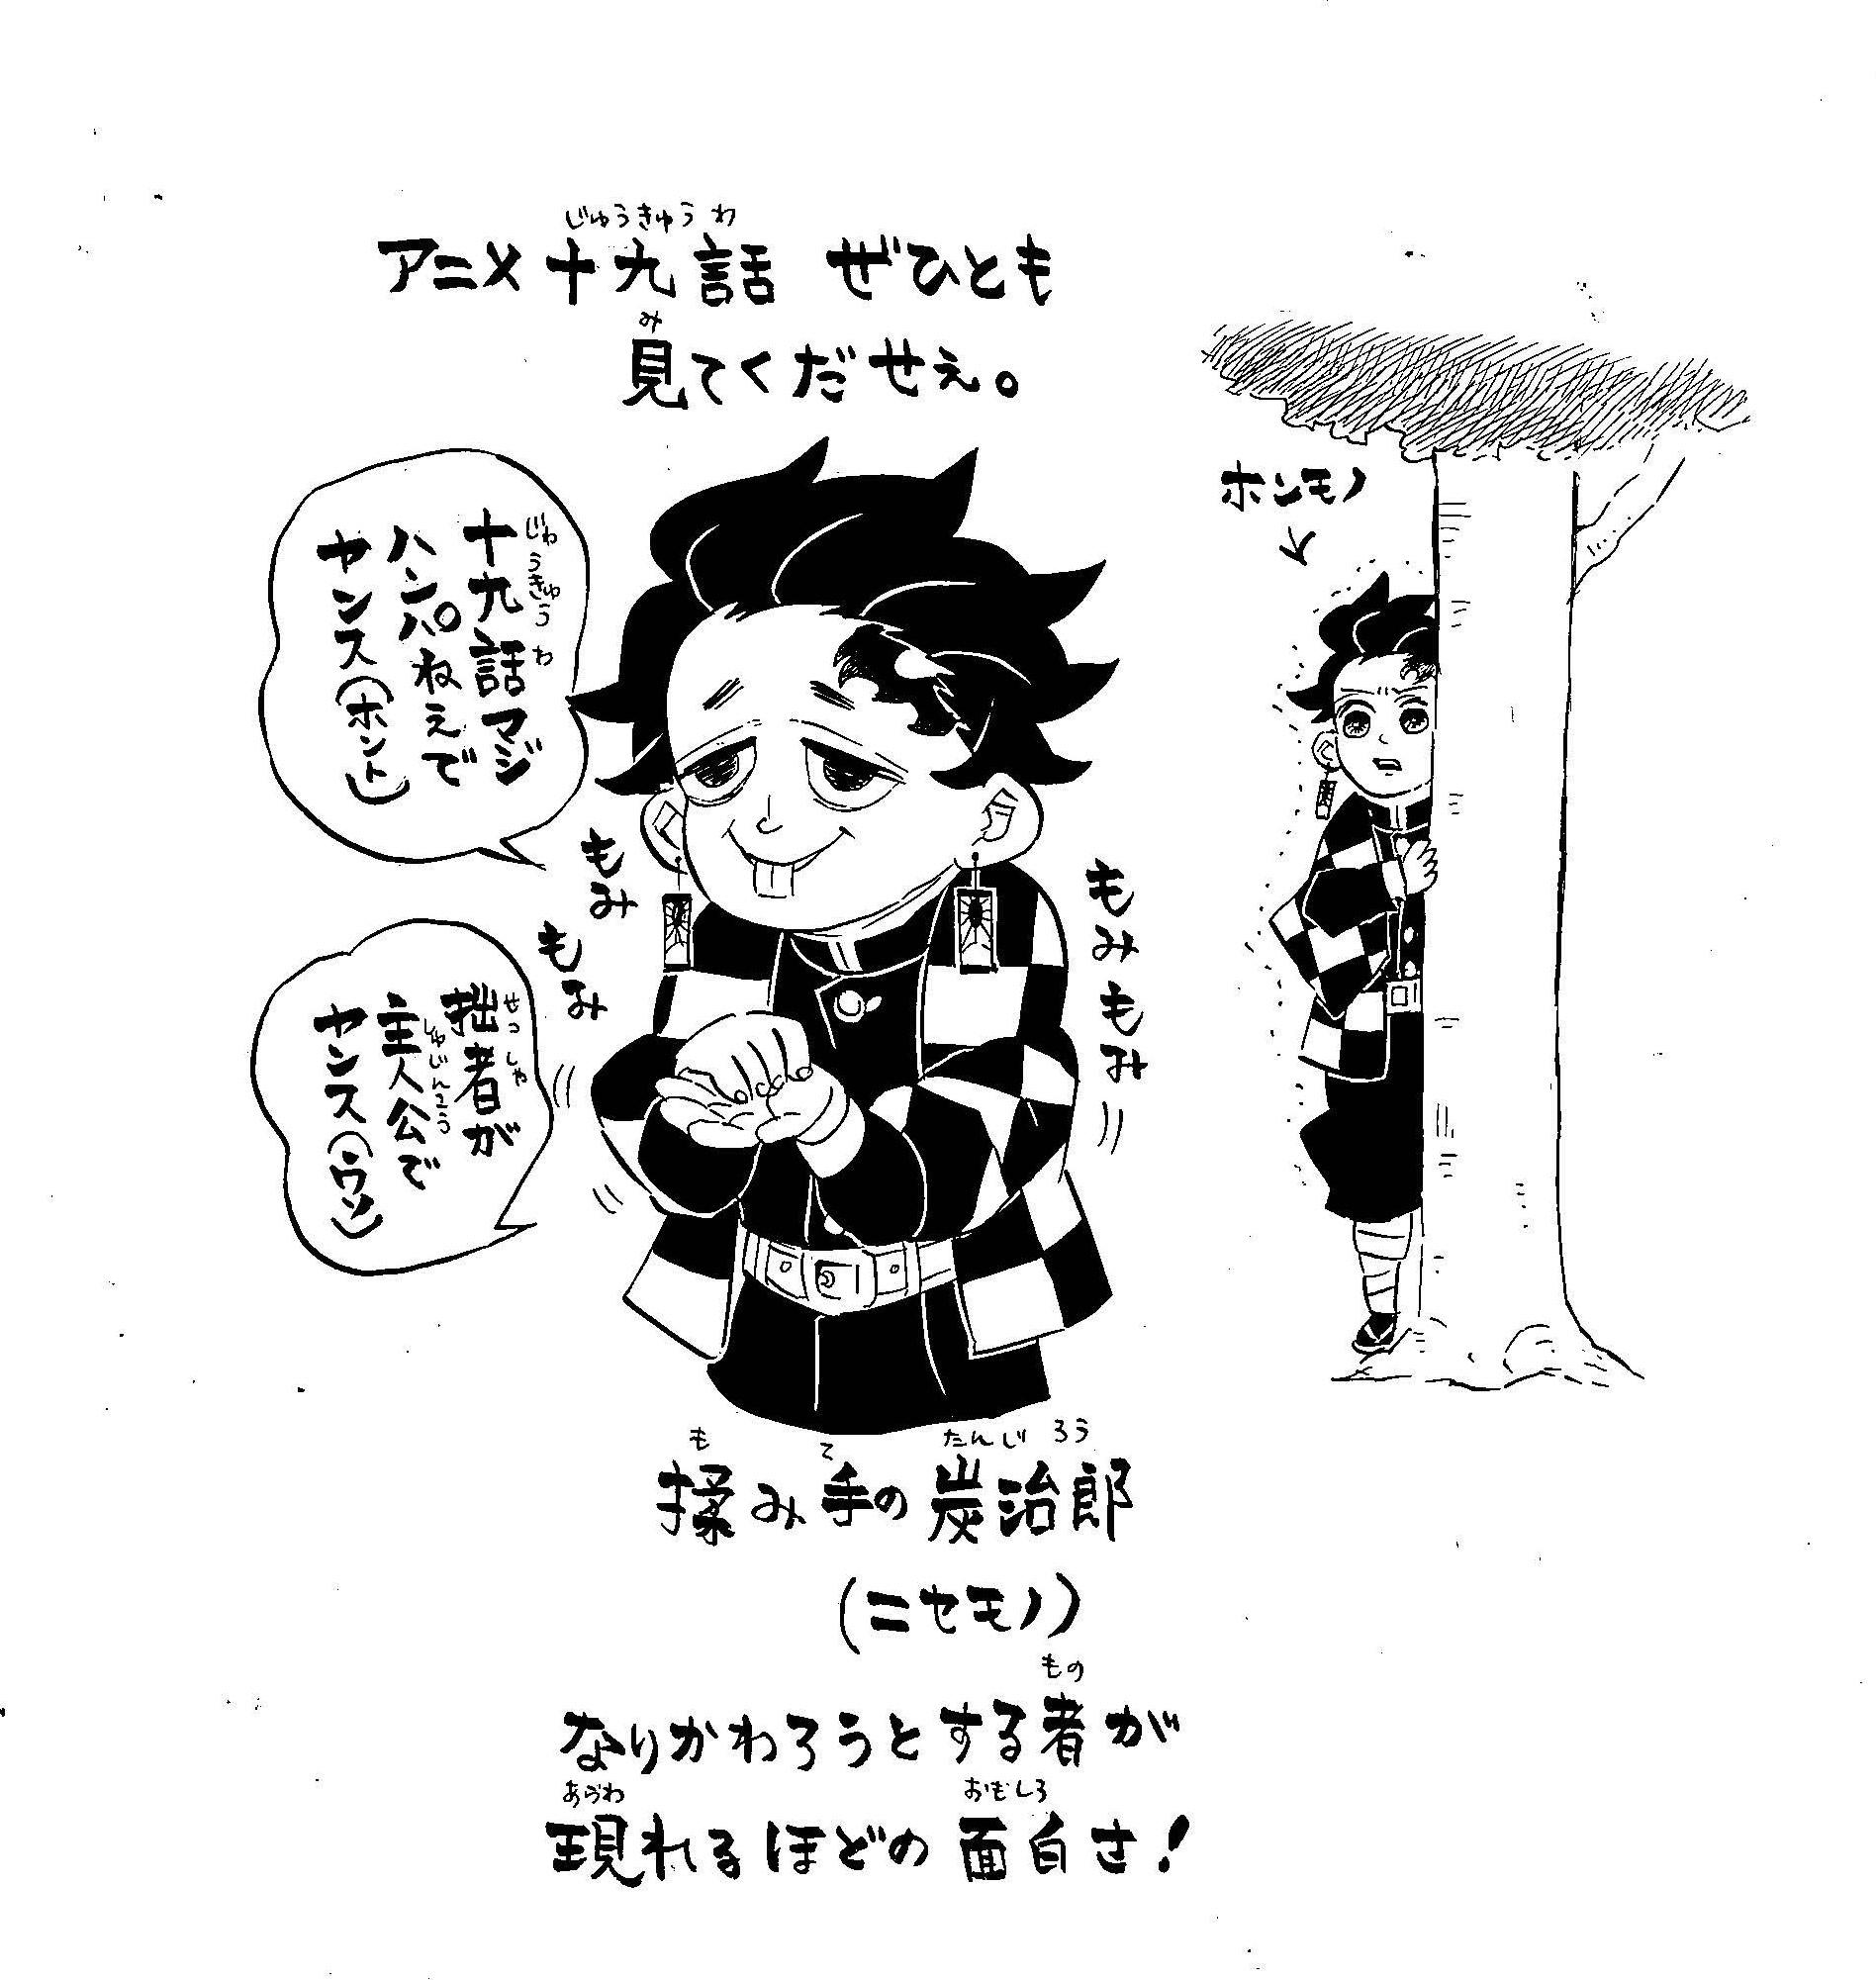 鬼滅の刃の作者・吾峠呼世晴の顔